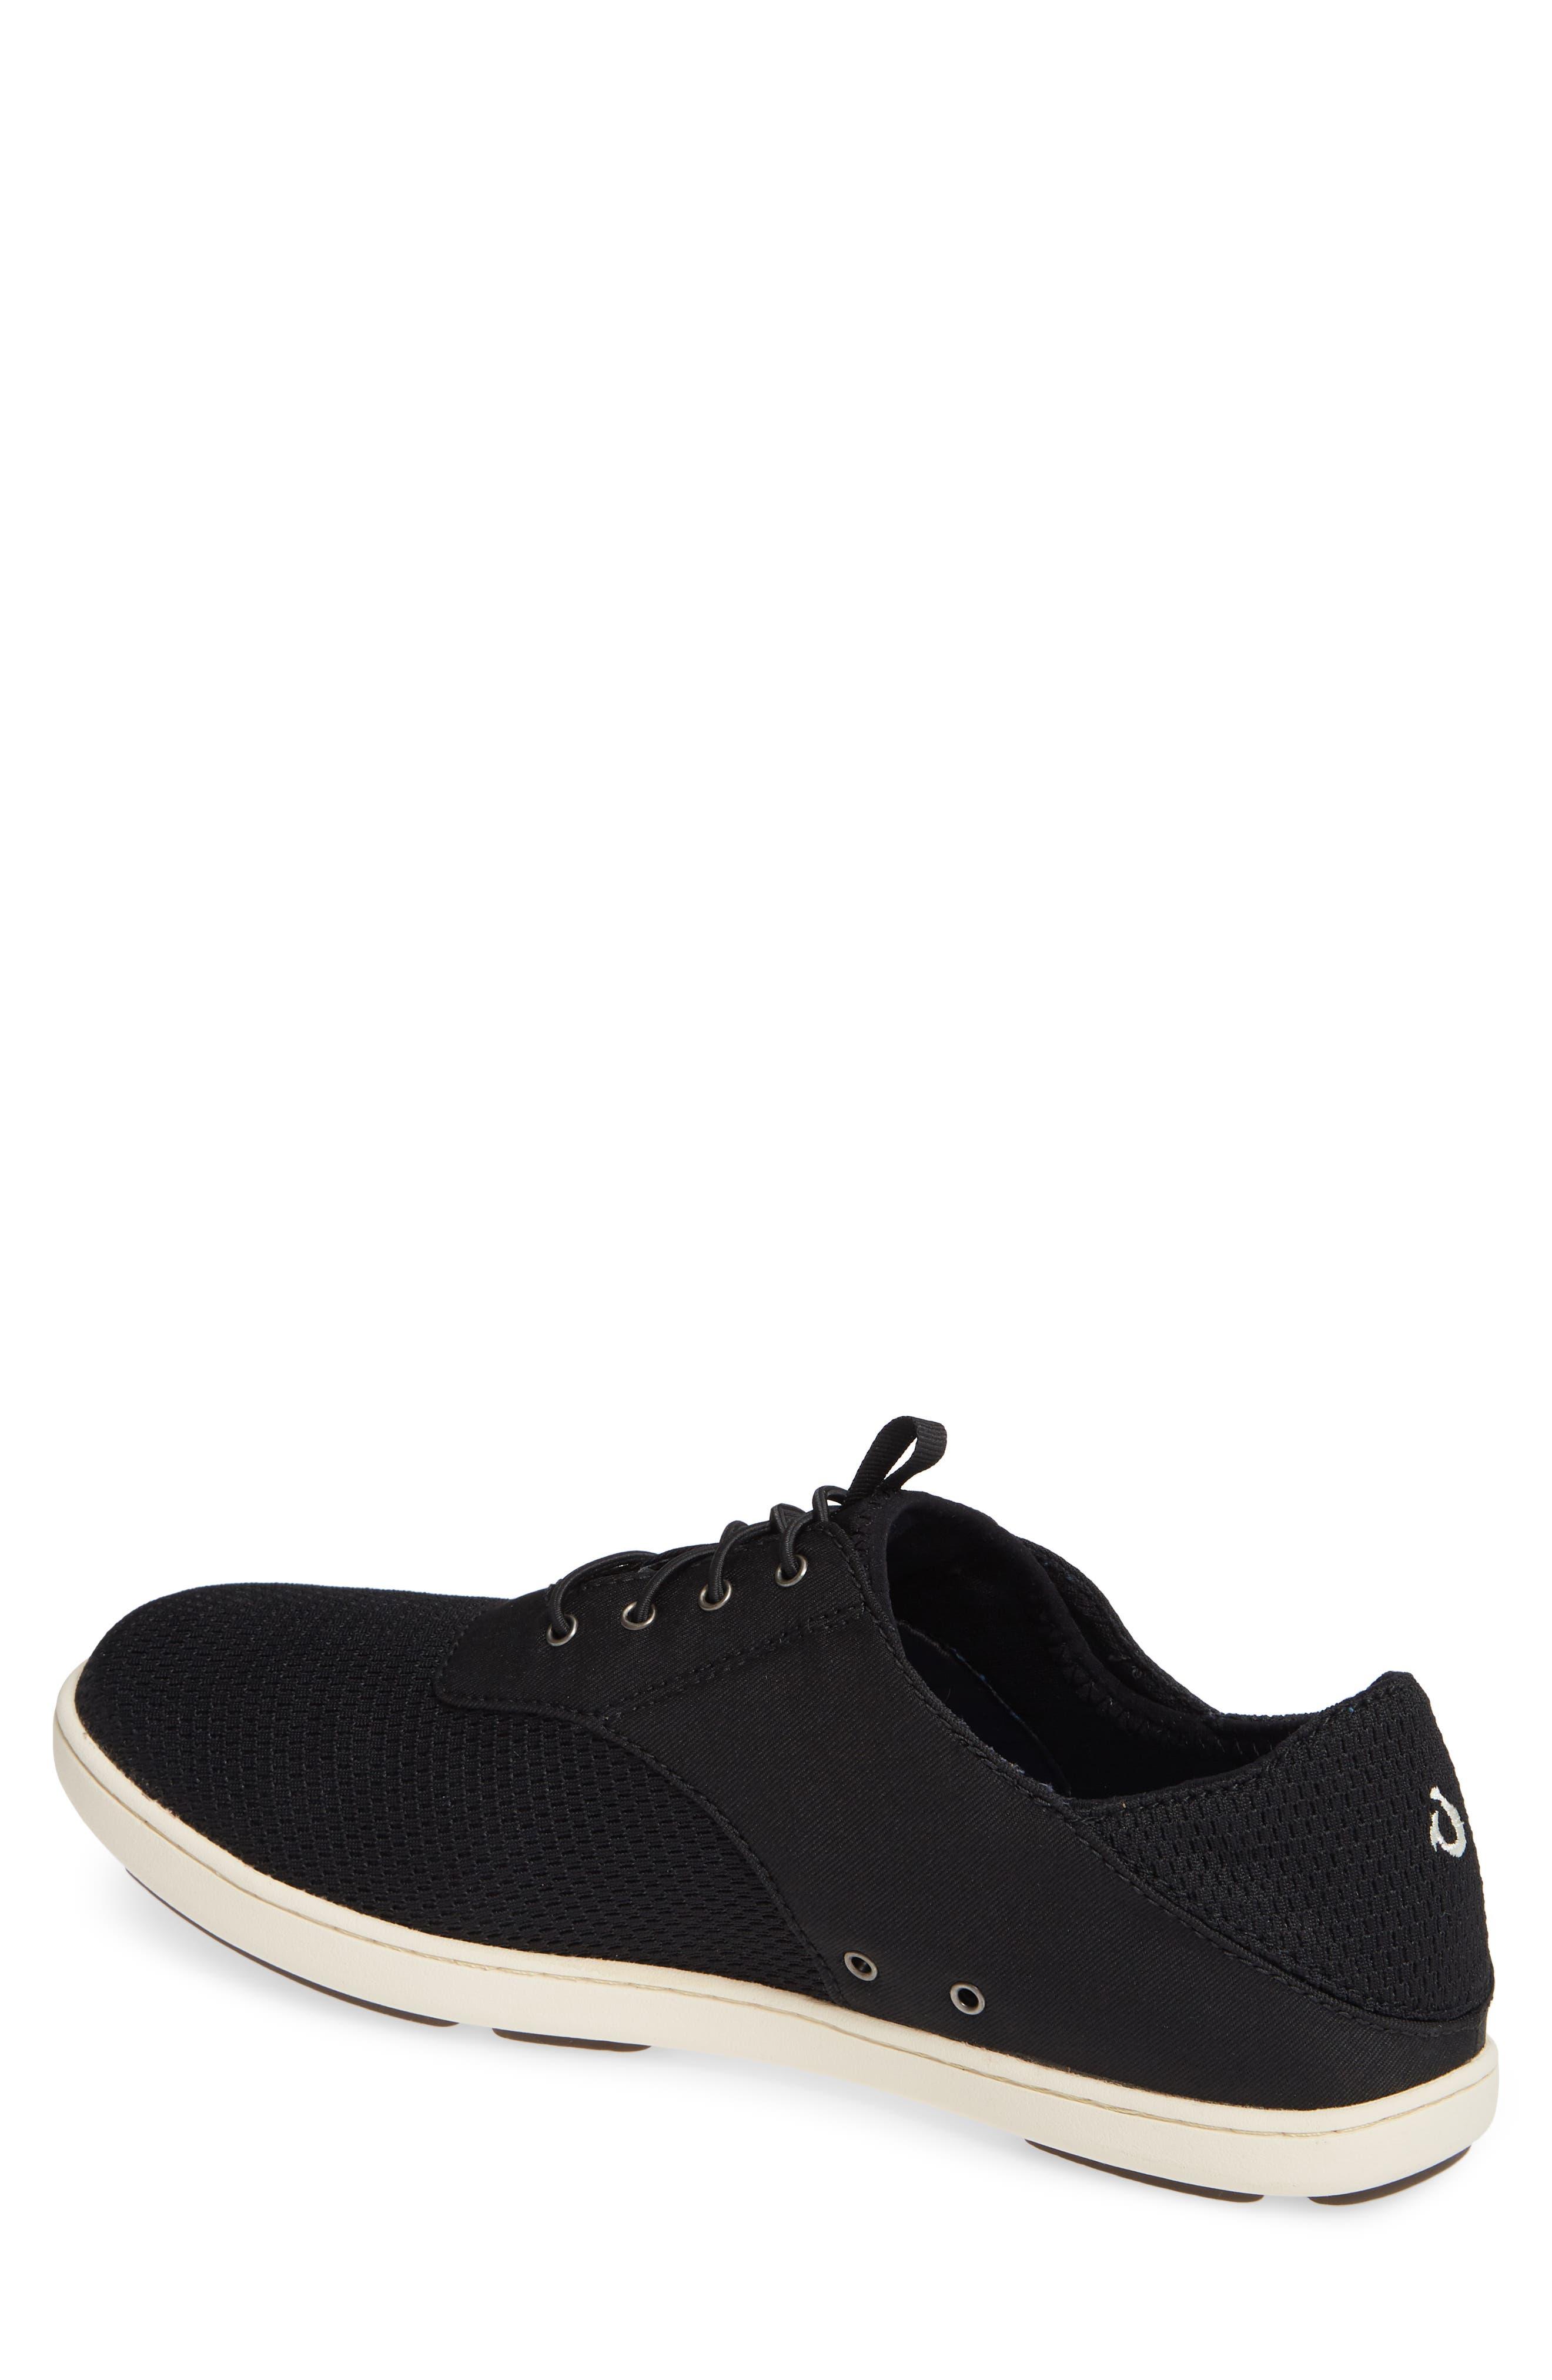 OLUKAI, Nohea Moku Sneaker, Alternate thumbnail 2, color, ONYX/ ONYX TEXTILE